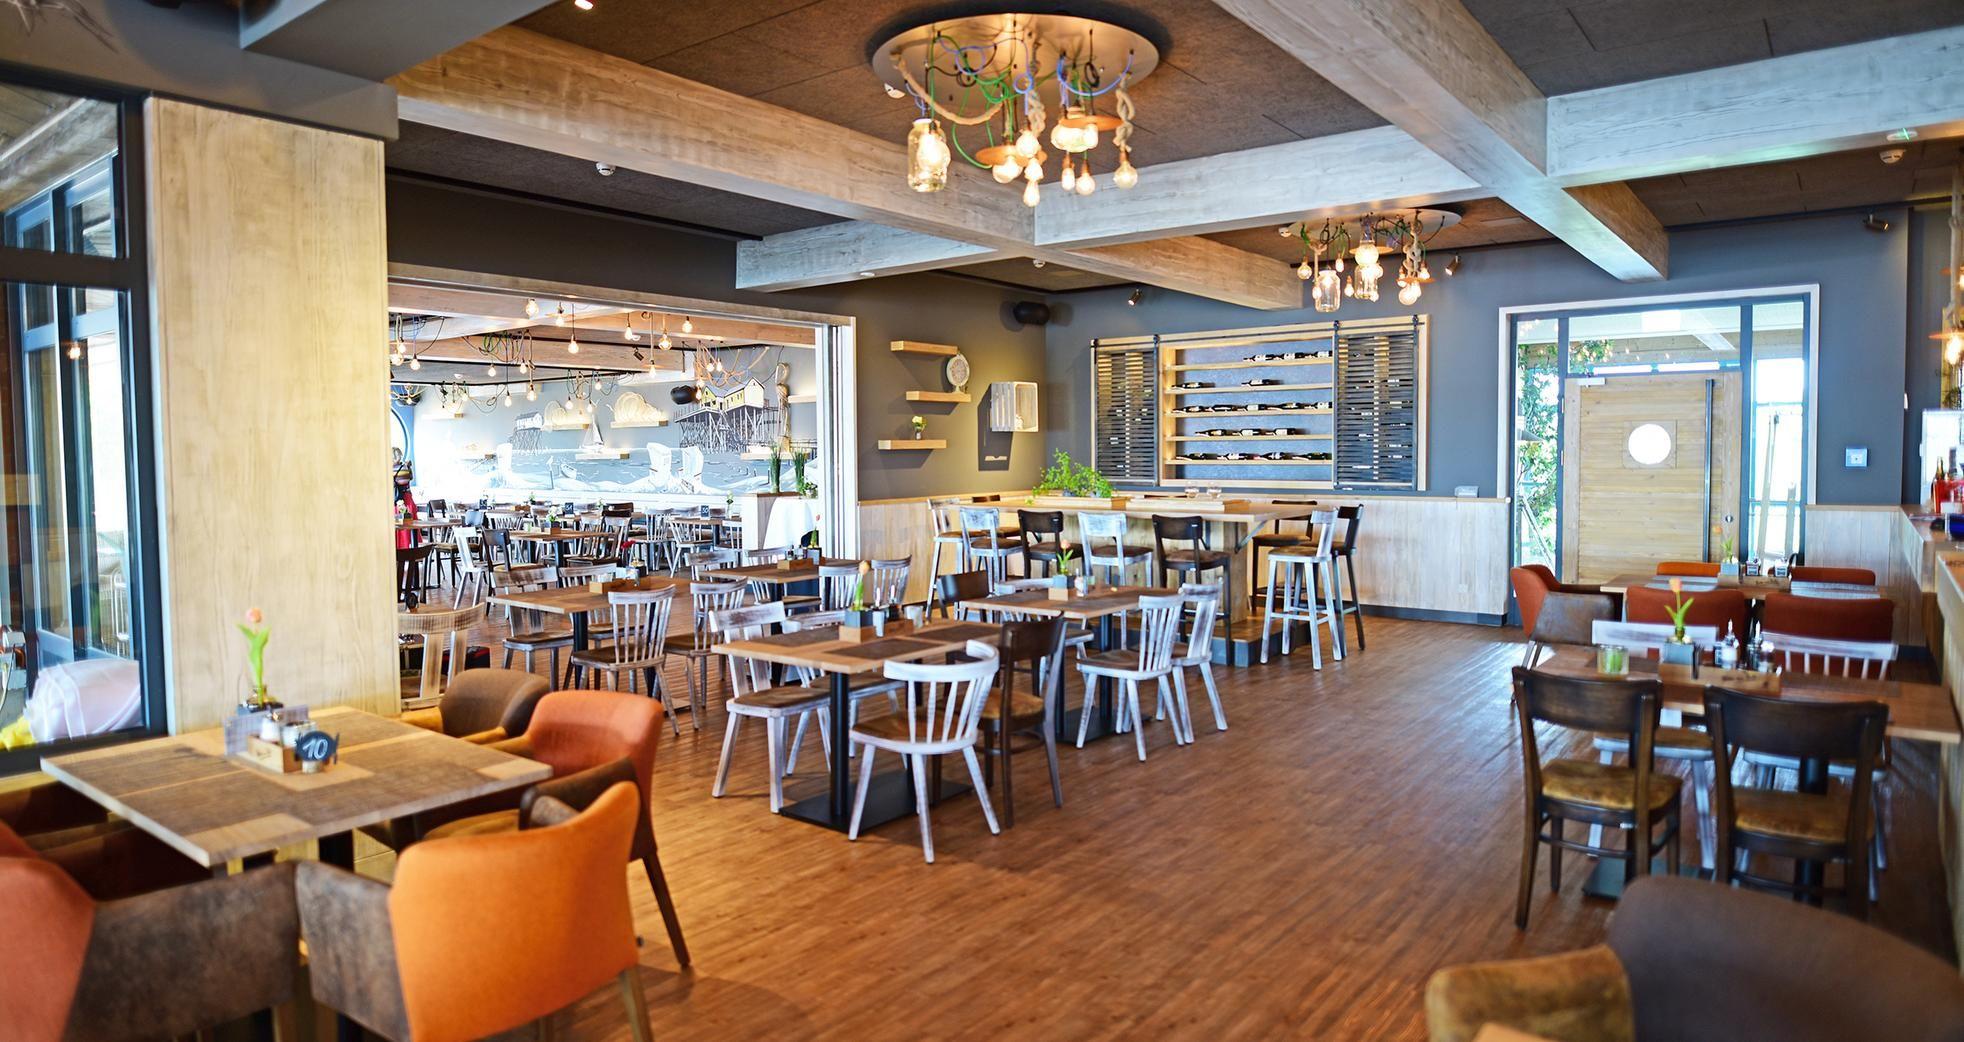 Restaurant am See, Geeste   Gastronomie möbel, Tisch, Terrassenmöbel